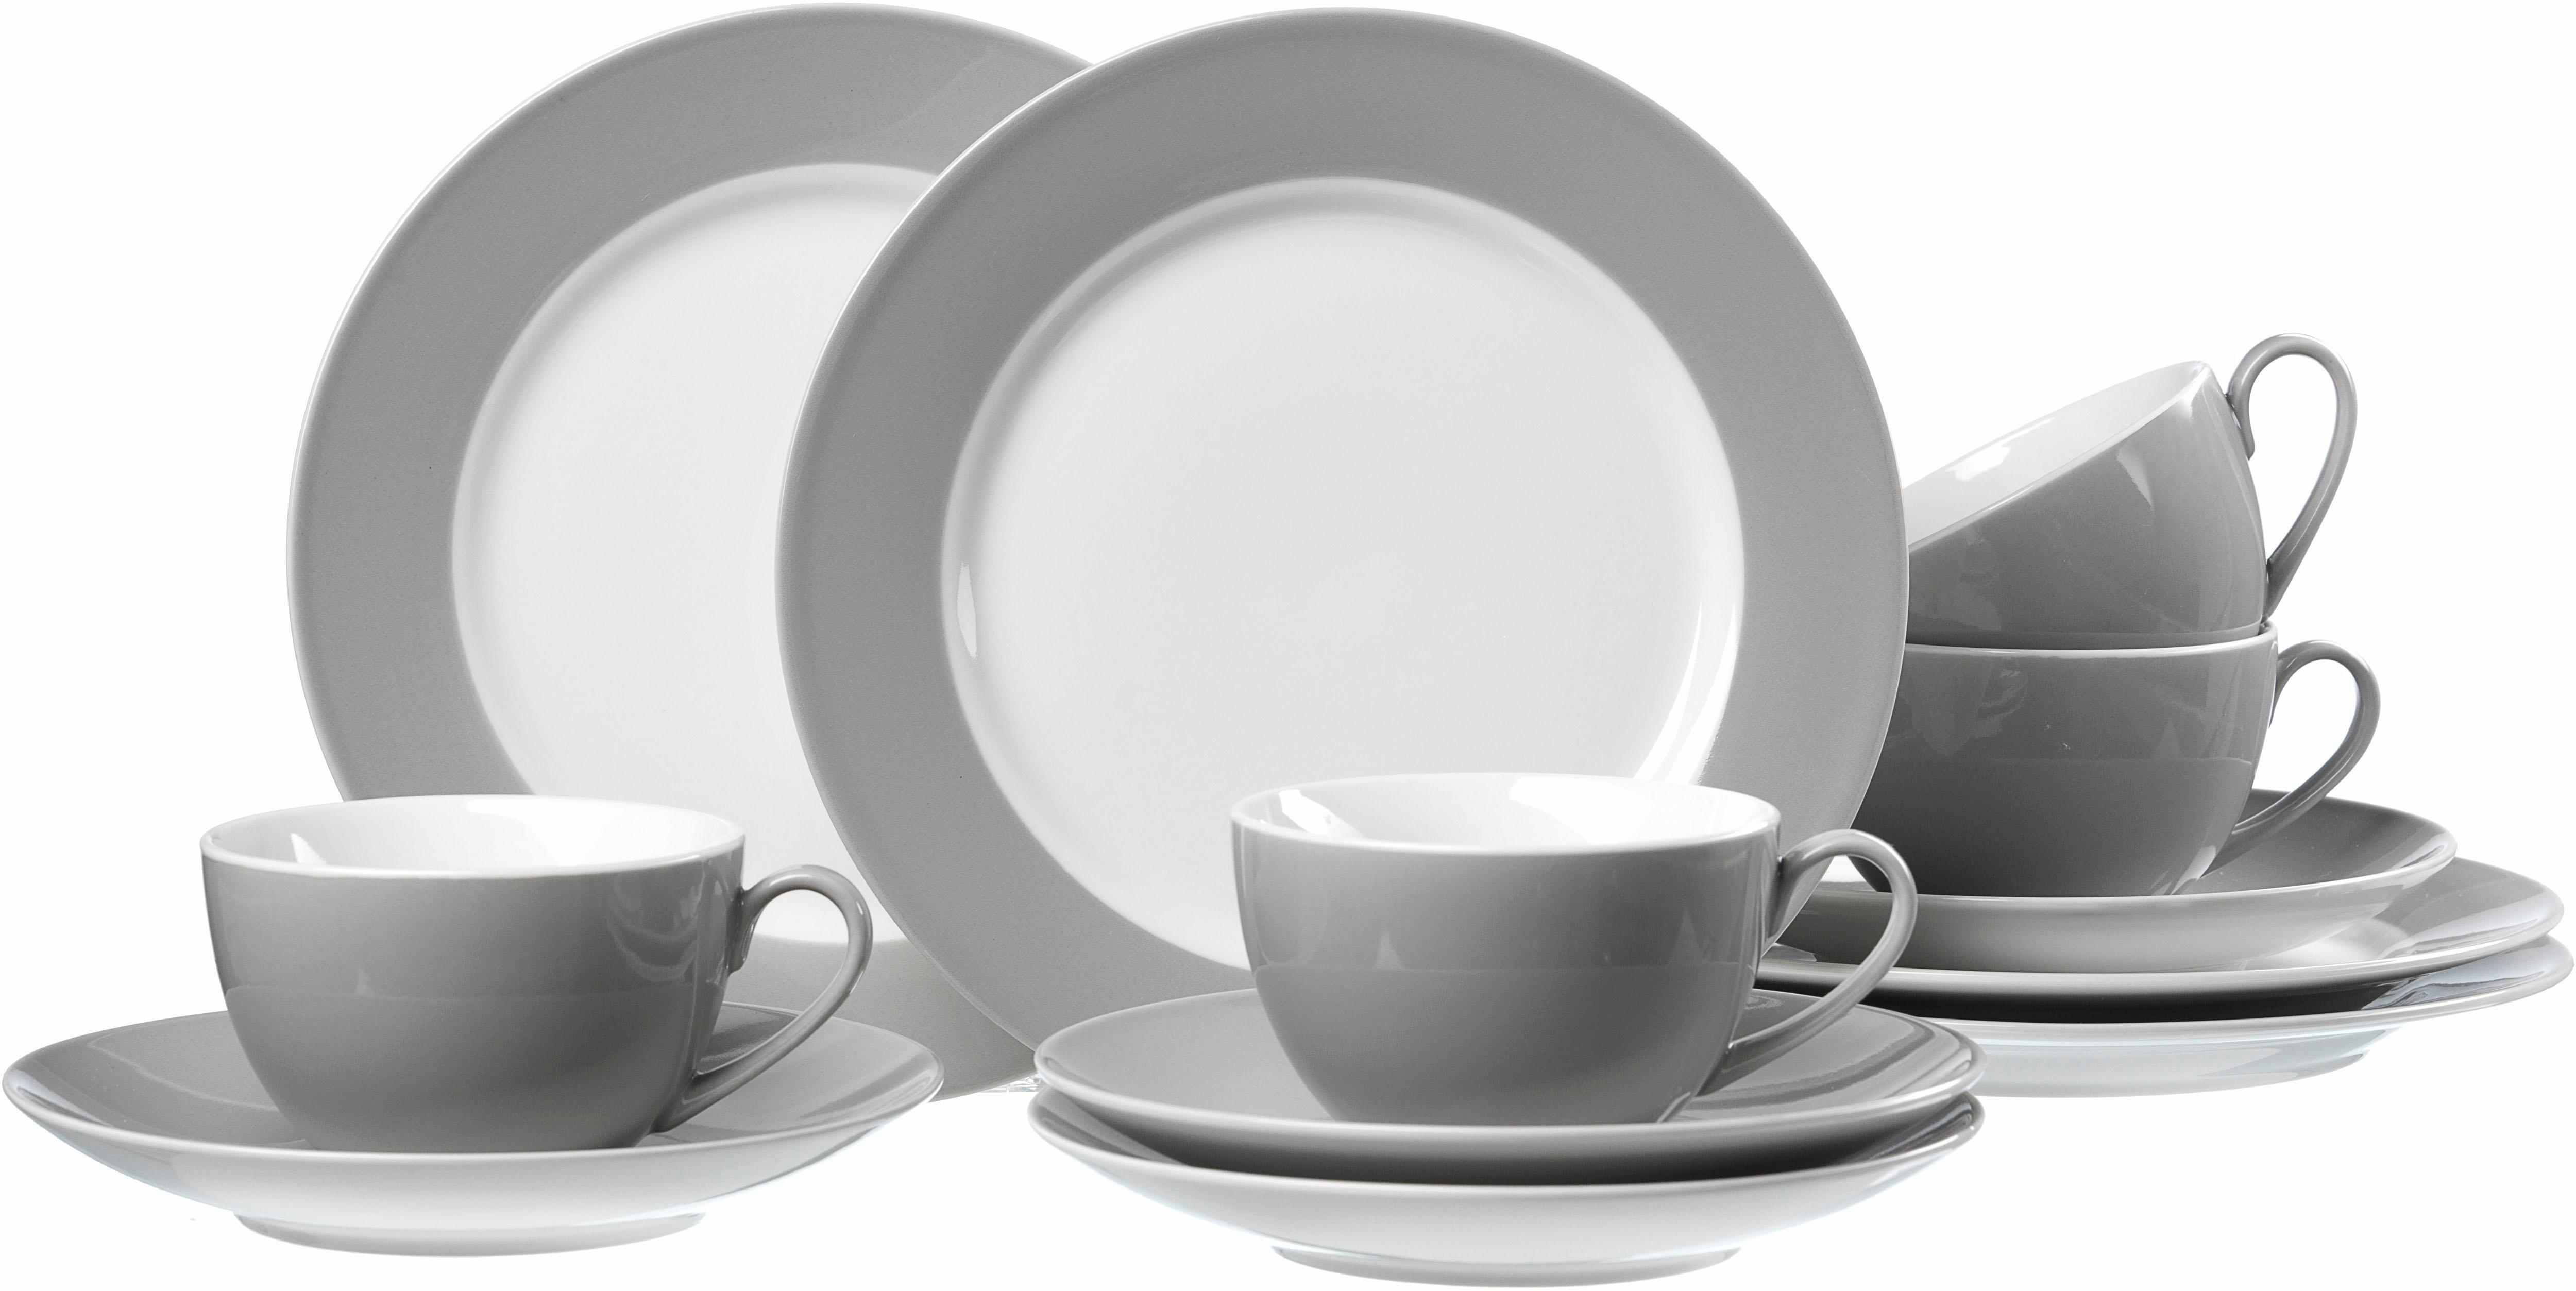 Porzellan Kaffeeservice Ritzenhoff Preisvergleich • Die besten ...